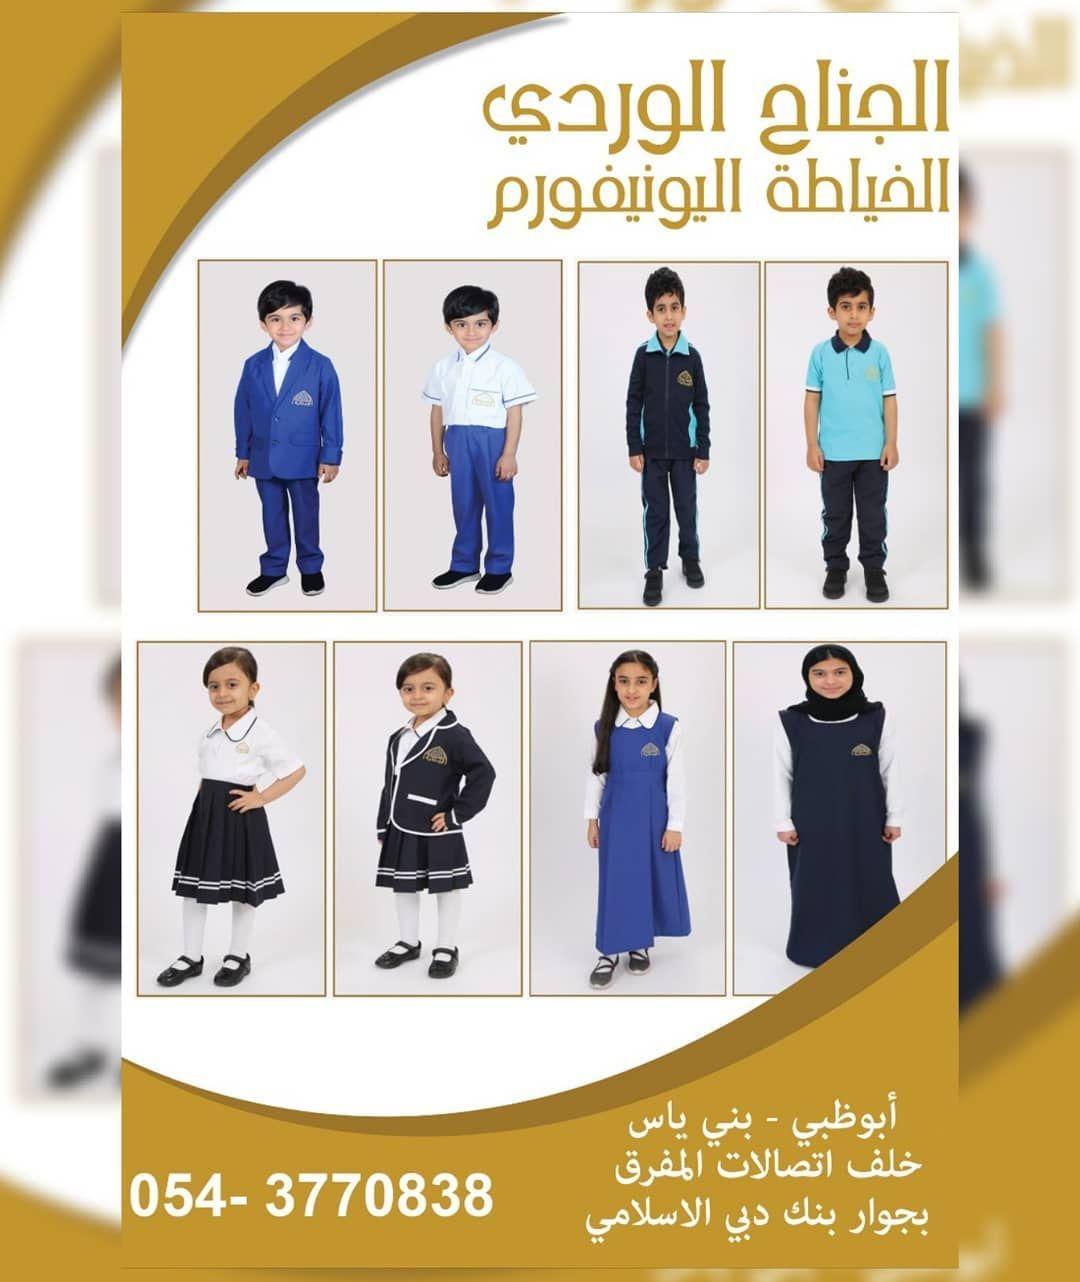 اعلان Uae1 Ad محل الجناح الوردي للملابس المدرسيه اليونيفورم يوجد لدينا 1 الزي الرسمي للاناث جميع المراحل 2 الزي Movie Posters Movies Poster